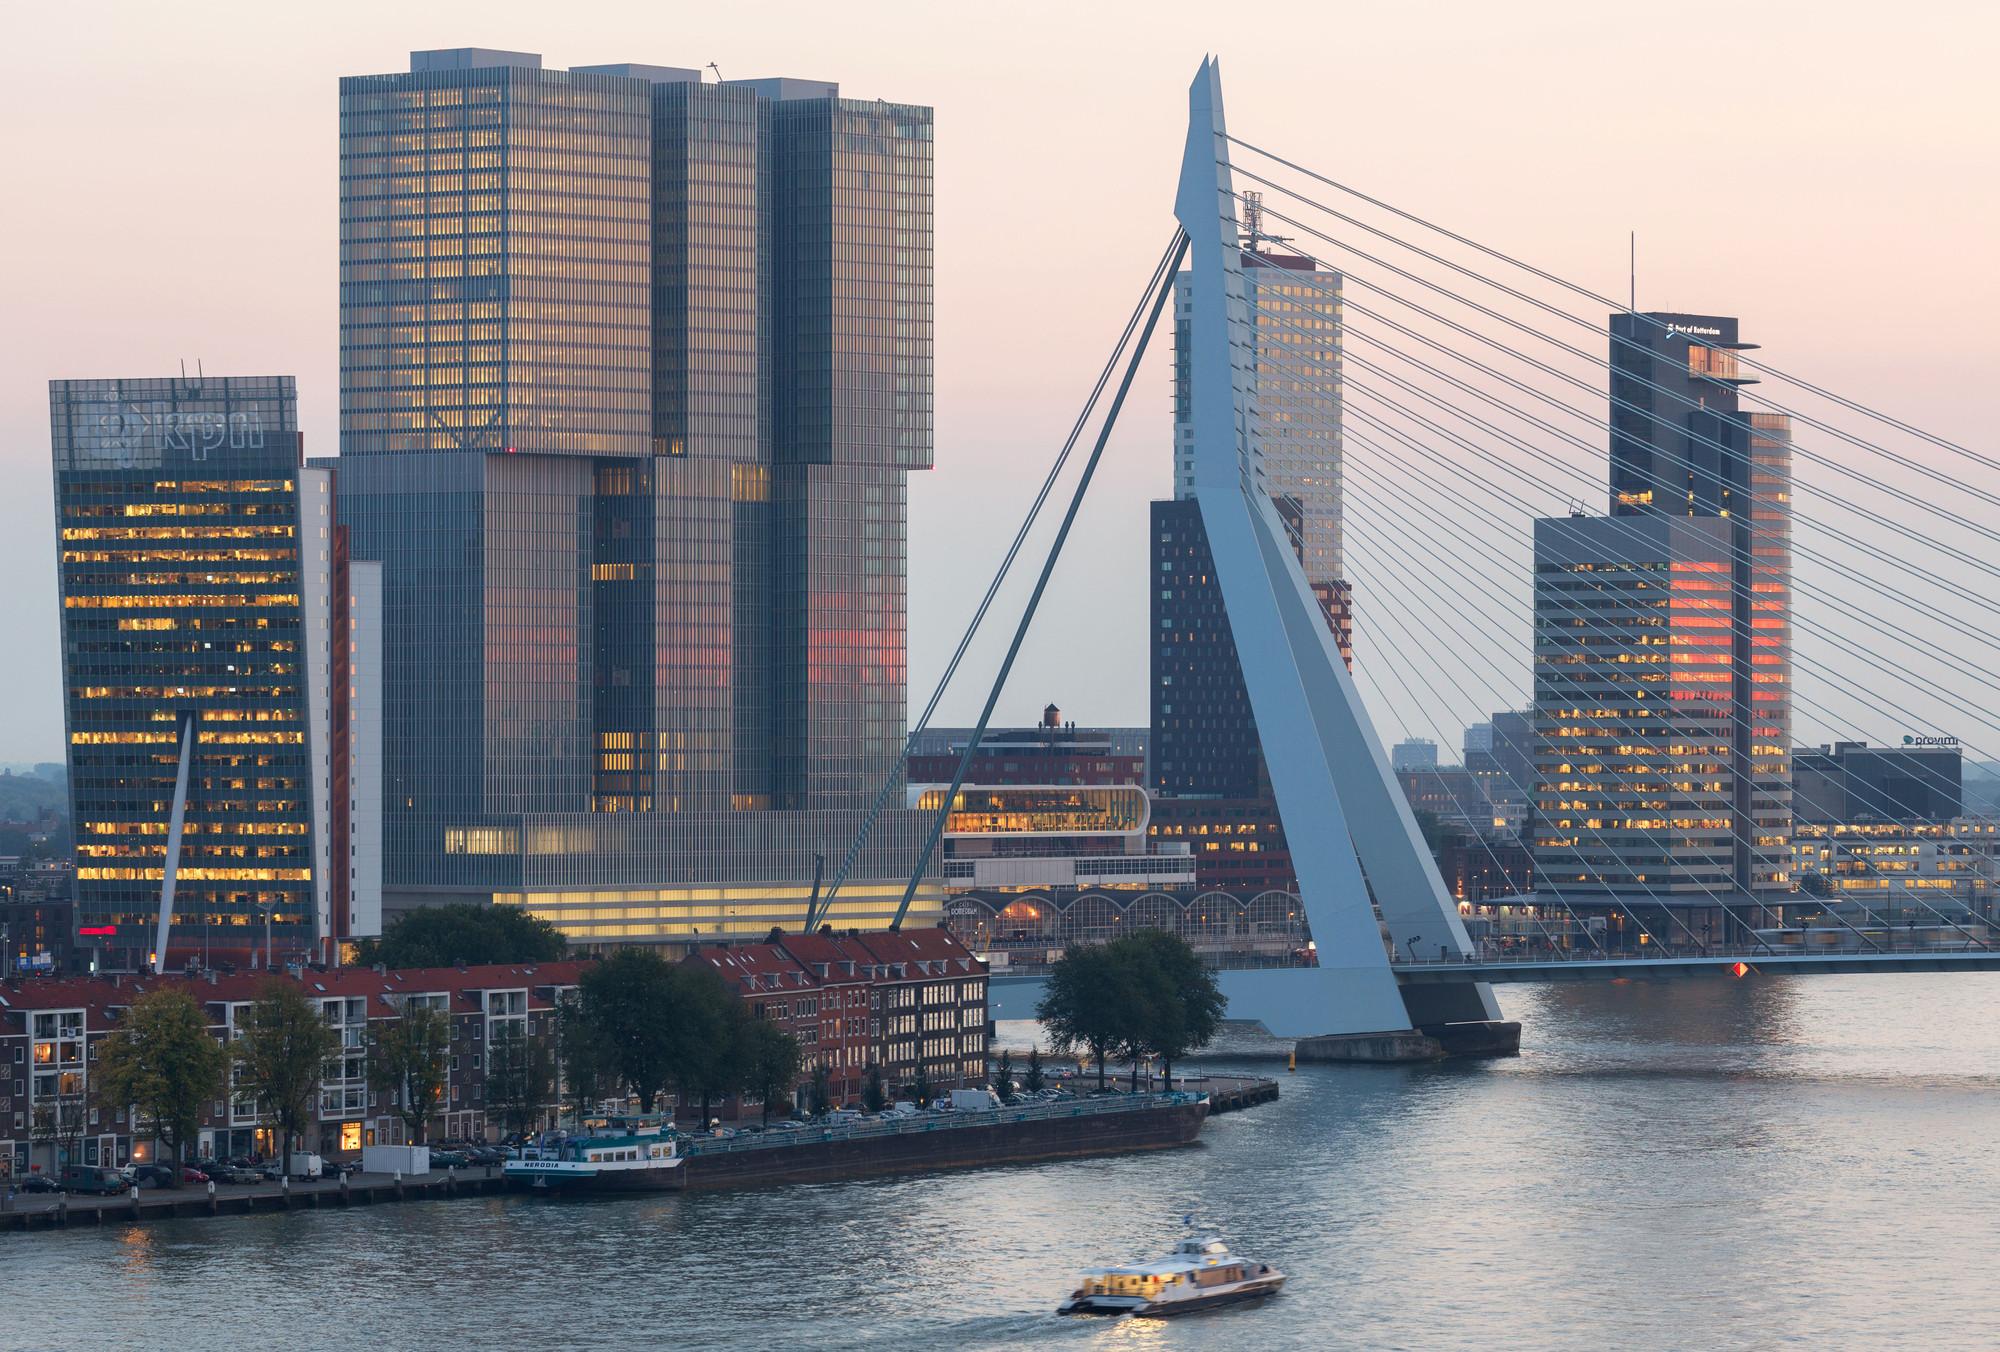 Renzo Piano Bulding Workshop / OMA / UNStudio / Siza / Mecanoo. Image